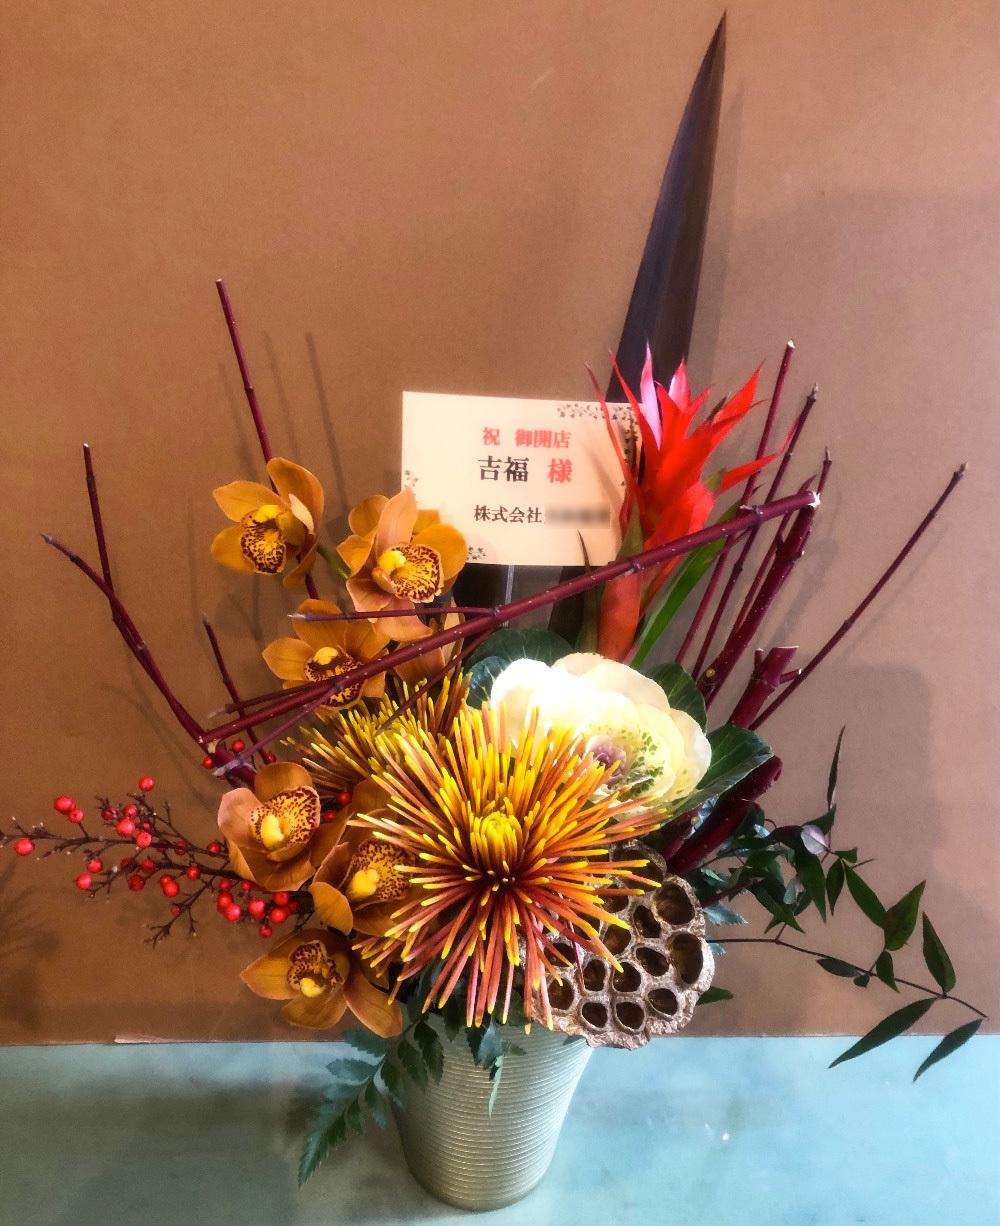 赤と黒の内装の和食店さまへ 和モダンな開店祝い花